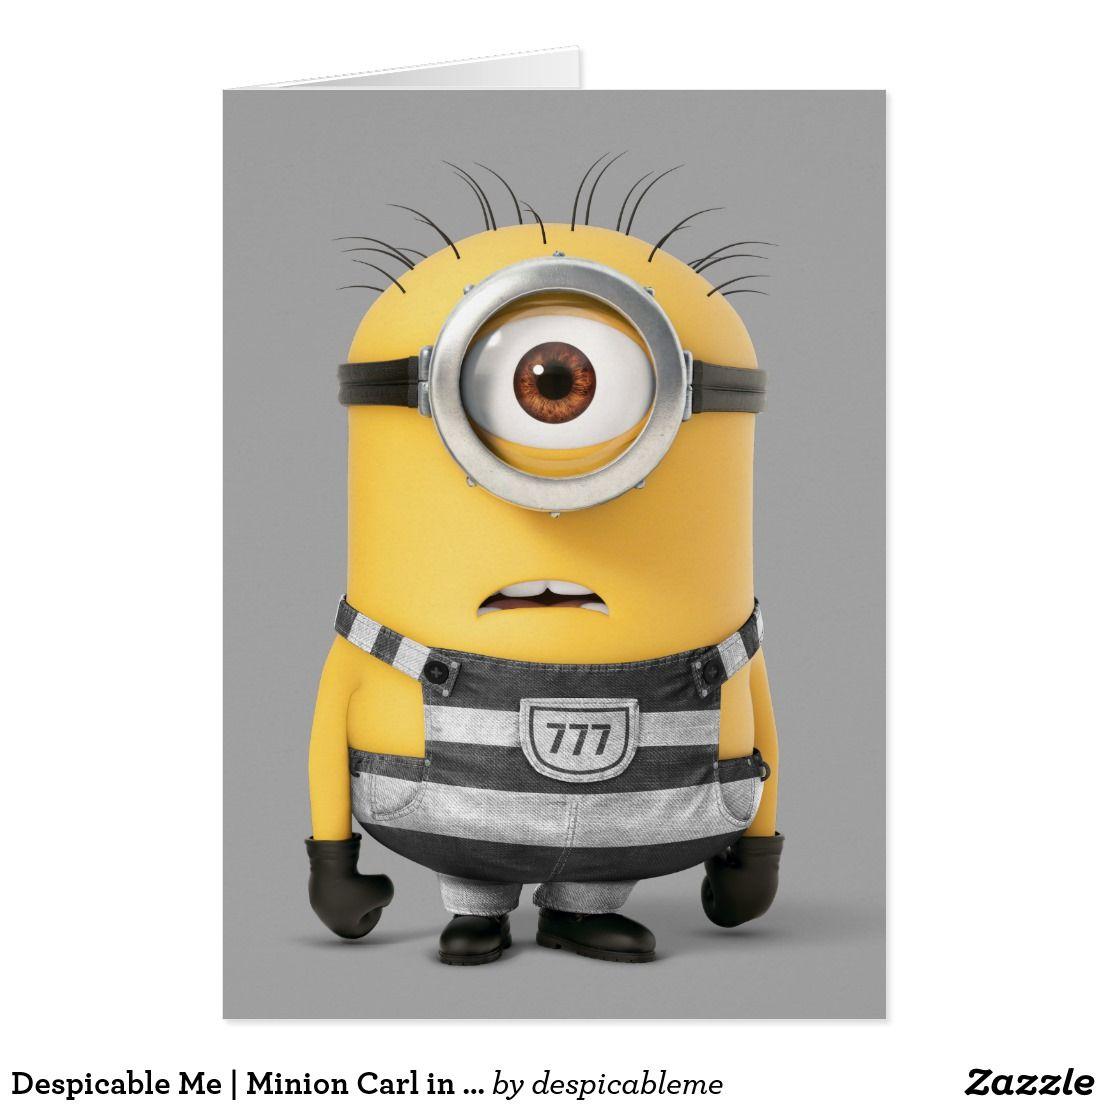 Despicable Me Minion Carl In Jail Zazzle Com Minions My Minion Minions Despicable Me